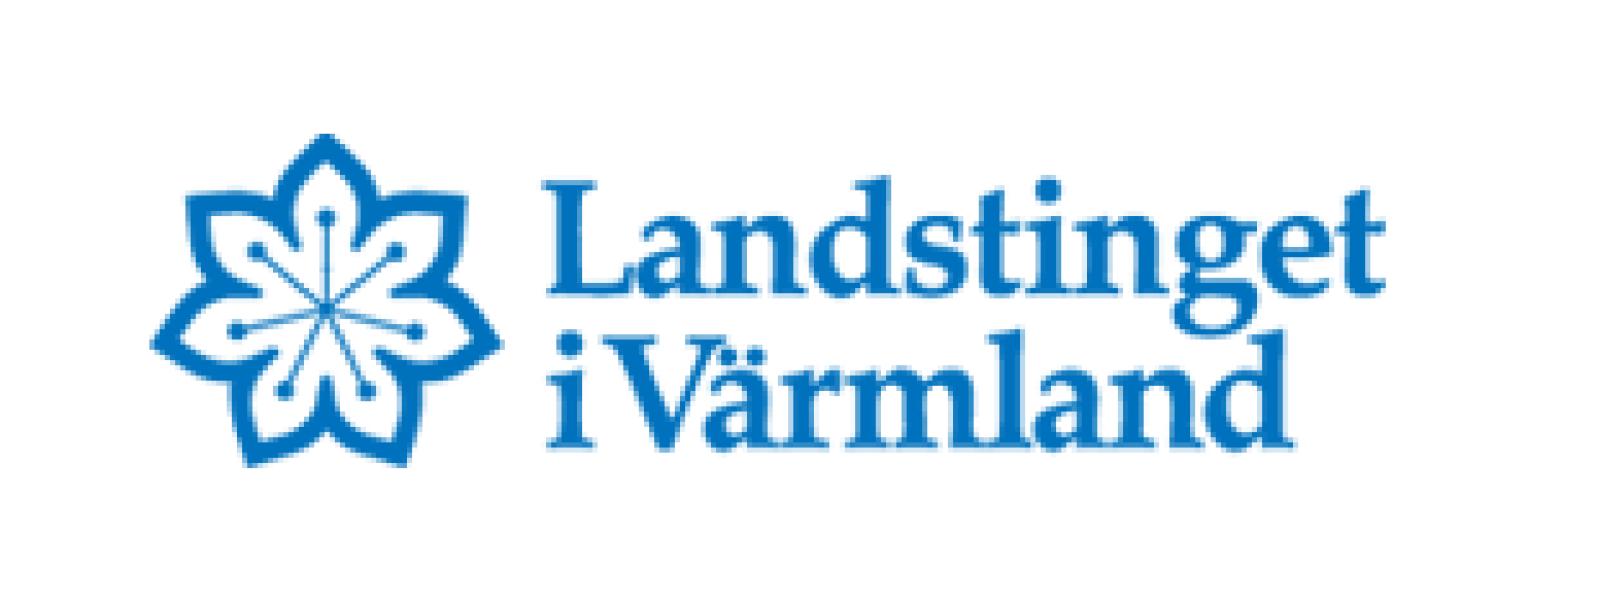 Socialministern invigde nationellt centrum i Värmland: ur patientens perspektiv